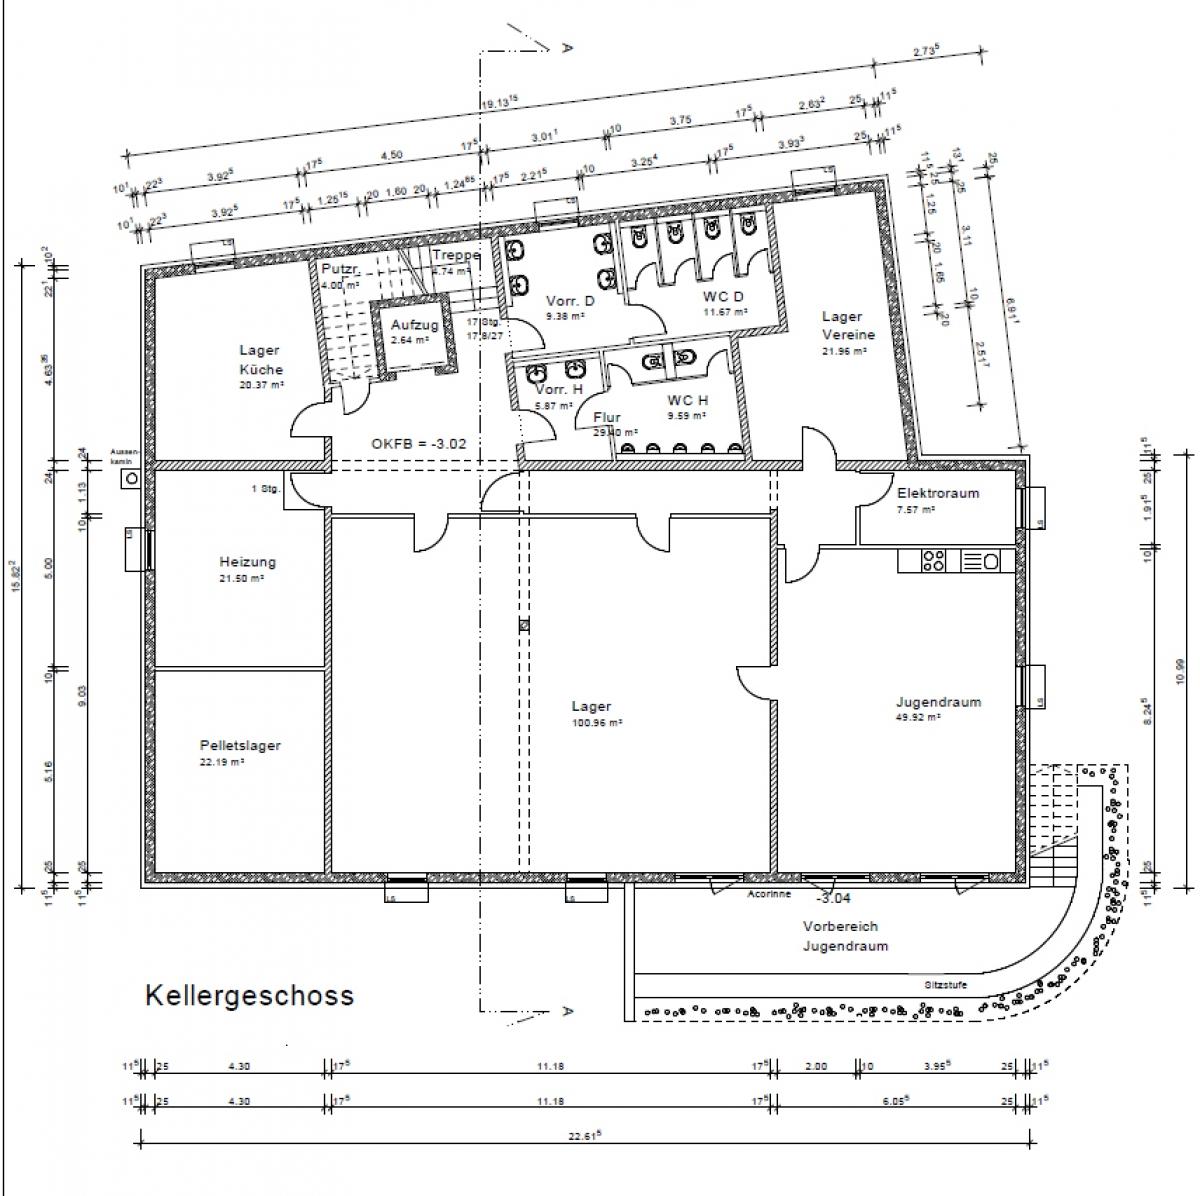 Bürgerhaus - Kellergeschoss